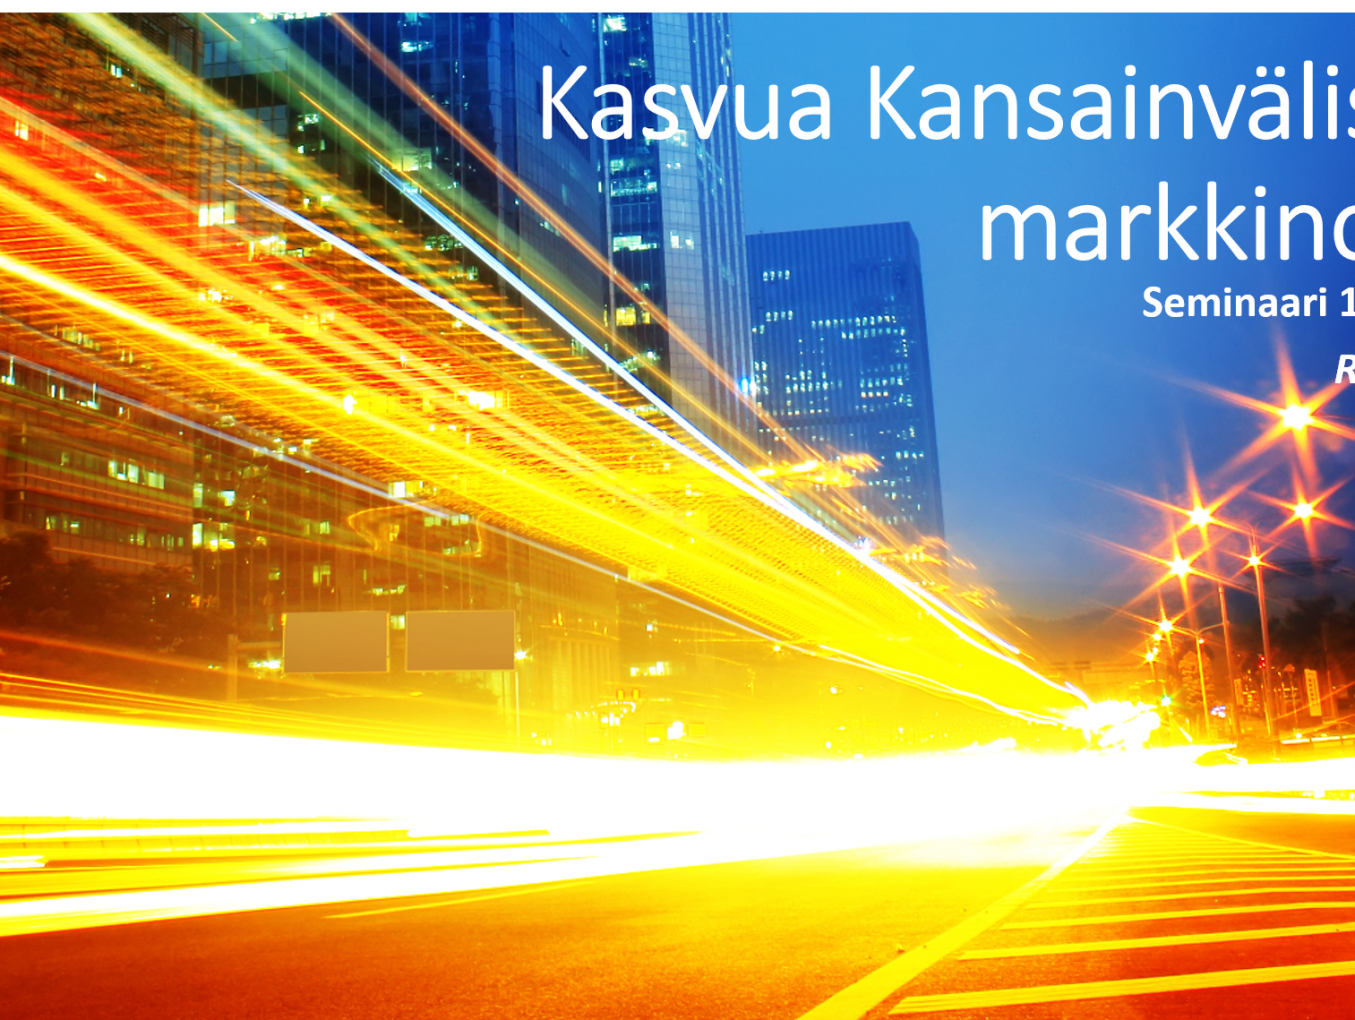 Kasvua Kansainvälisiltä Markkinoilta - Seminaari 12.3.2019